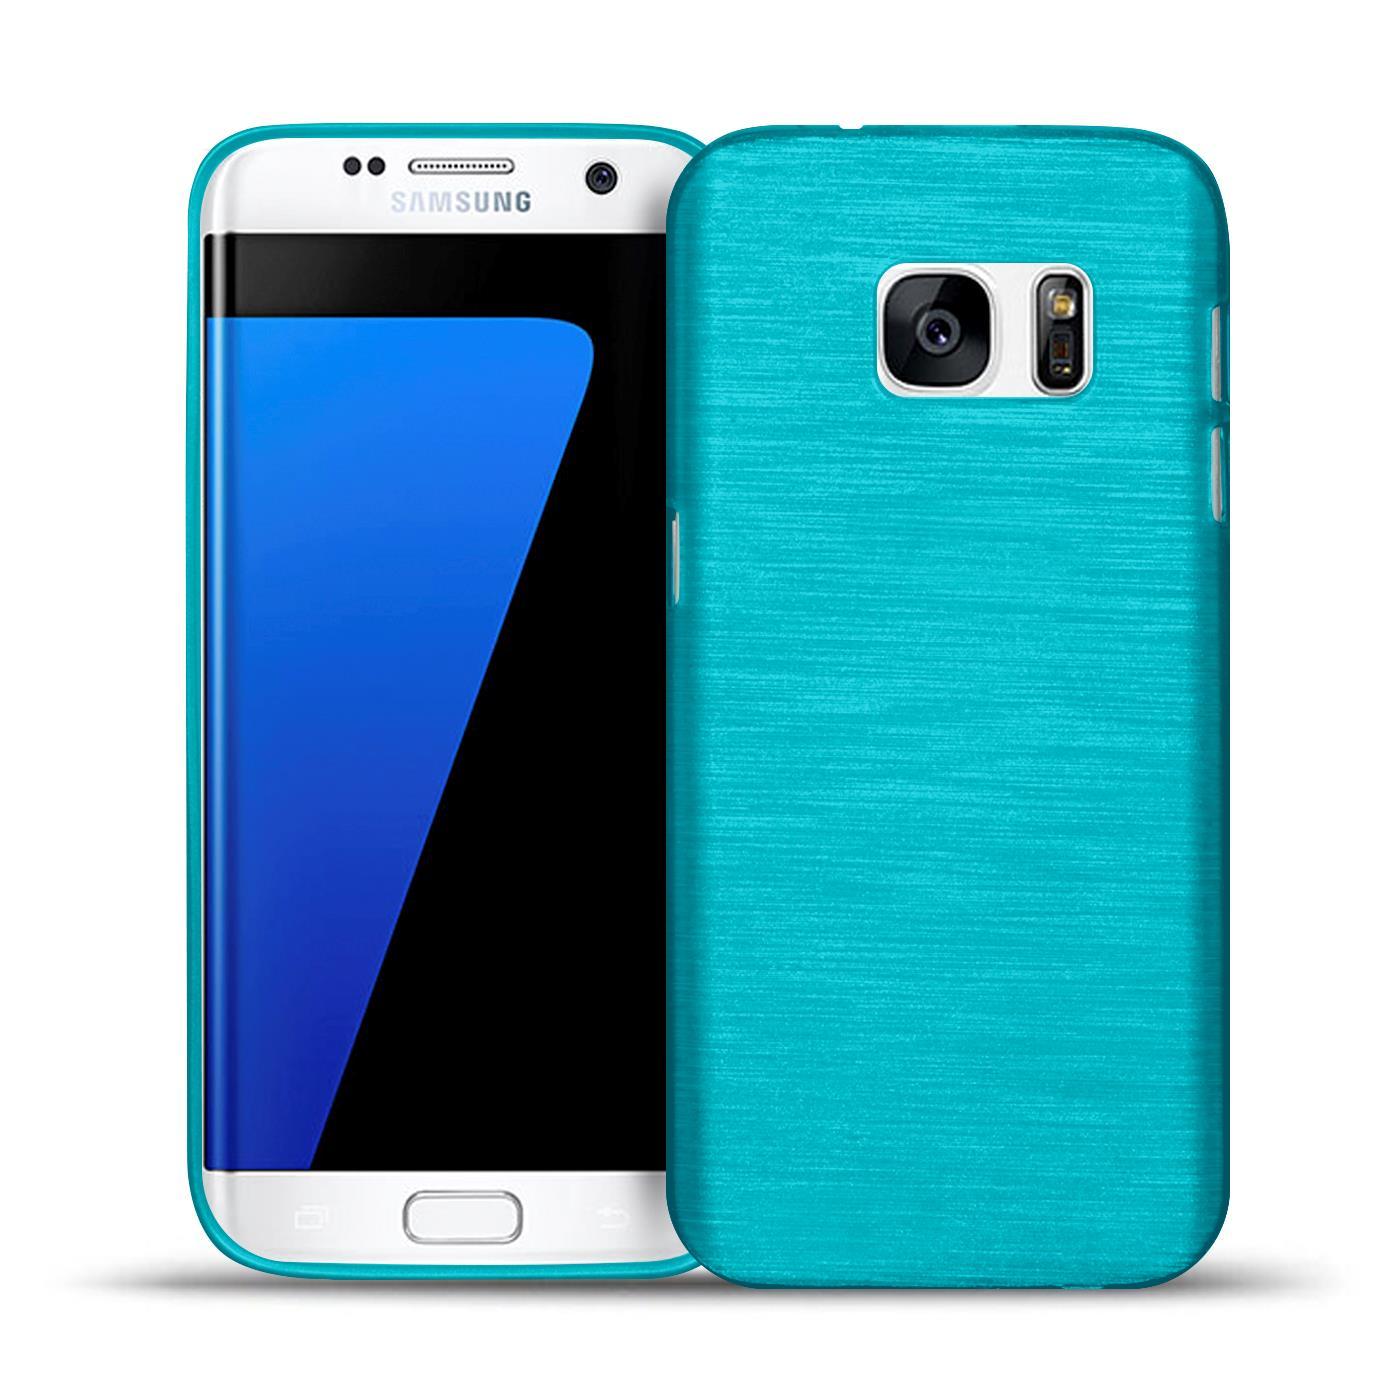 Handy Hülle für Samsung Galaxy Case Brushed Tasche Cover Schutzhülle Etui Bumper